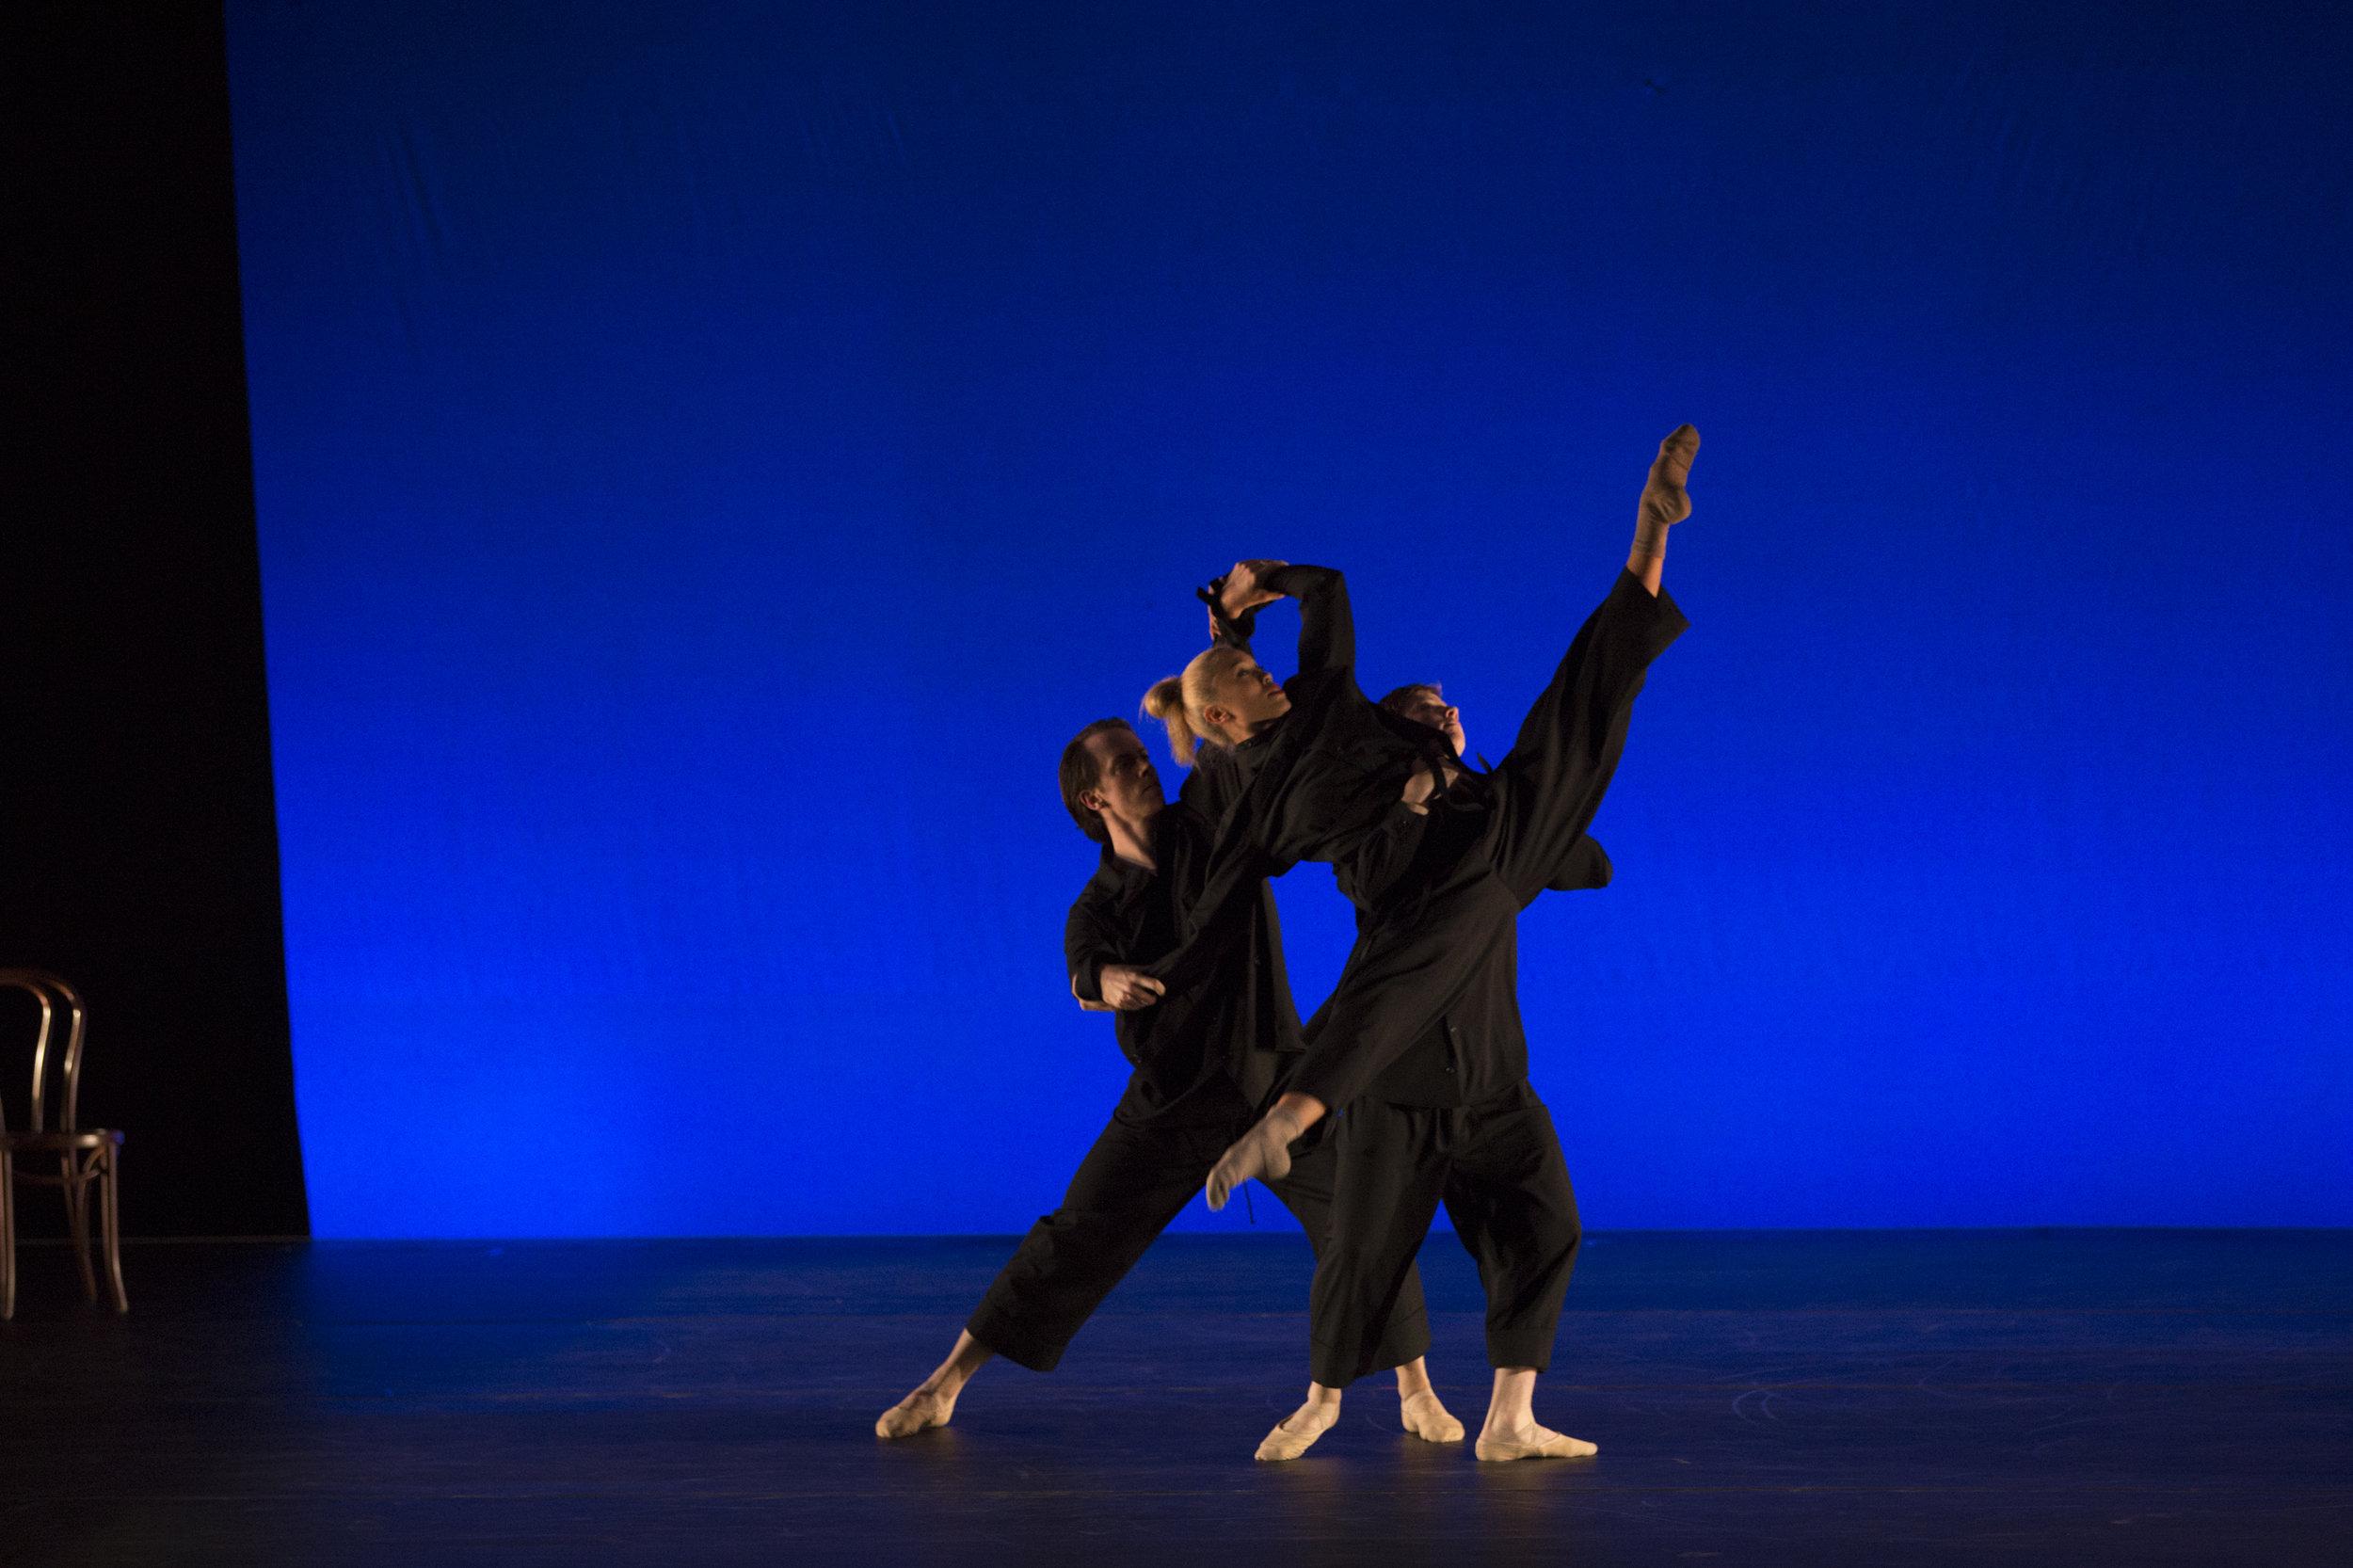 Cirio-Collective-Hudson-Valley-Dance-Festival-2017-photo by @franciscograciano-8346.jpg